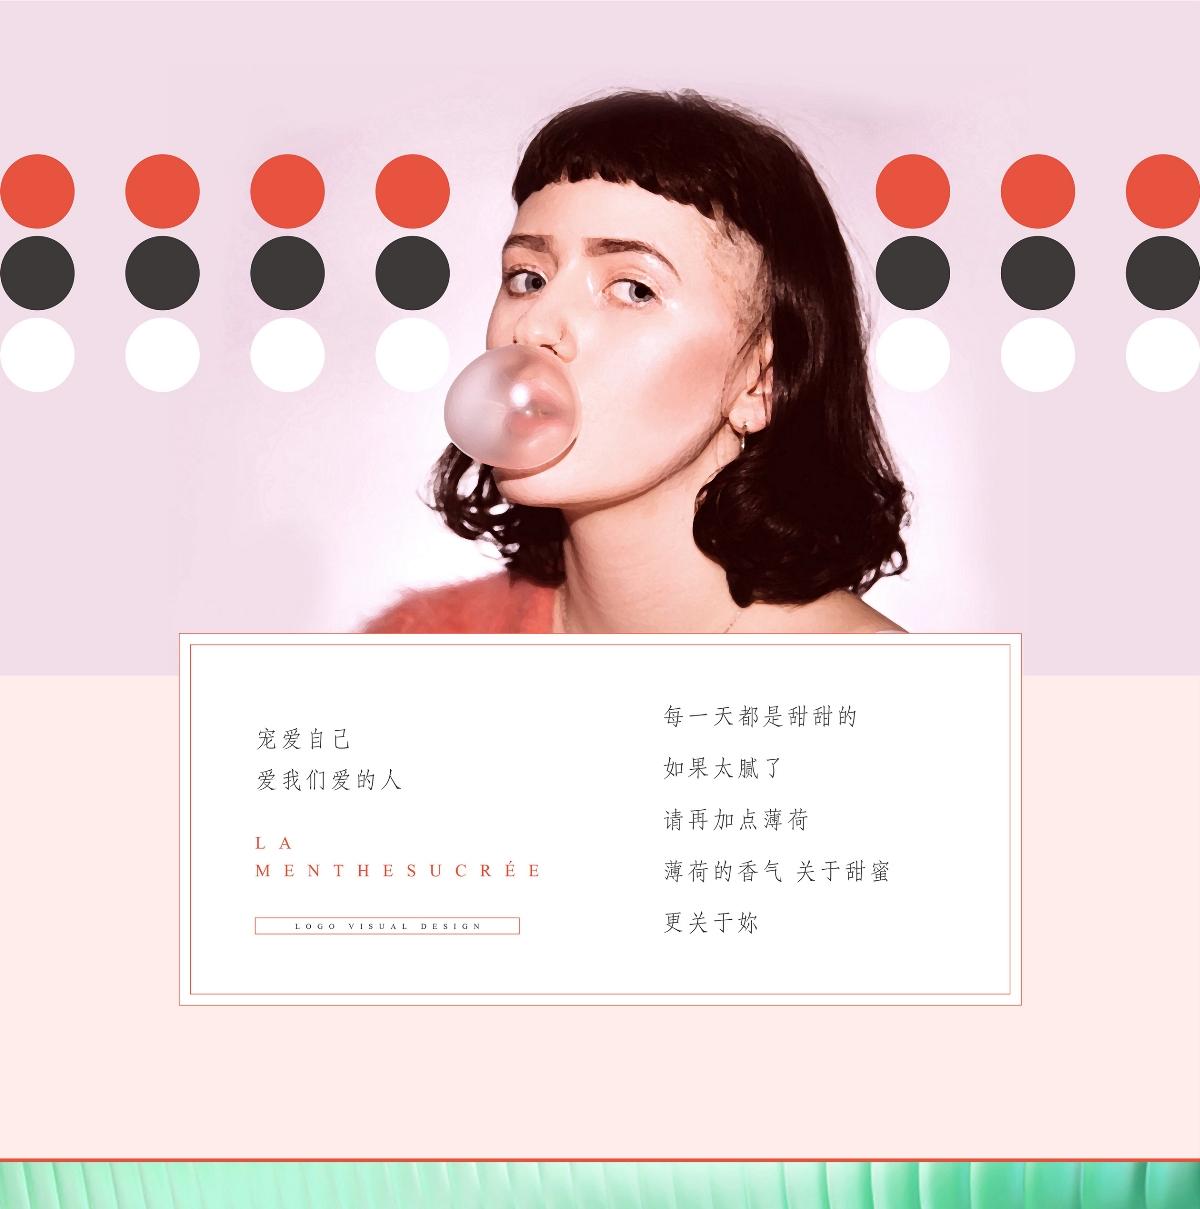 内衣内衣logo设计薄荷少女甜味logo设计情趣天河区情趣用品广州图片